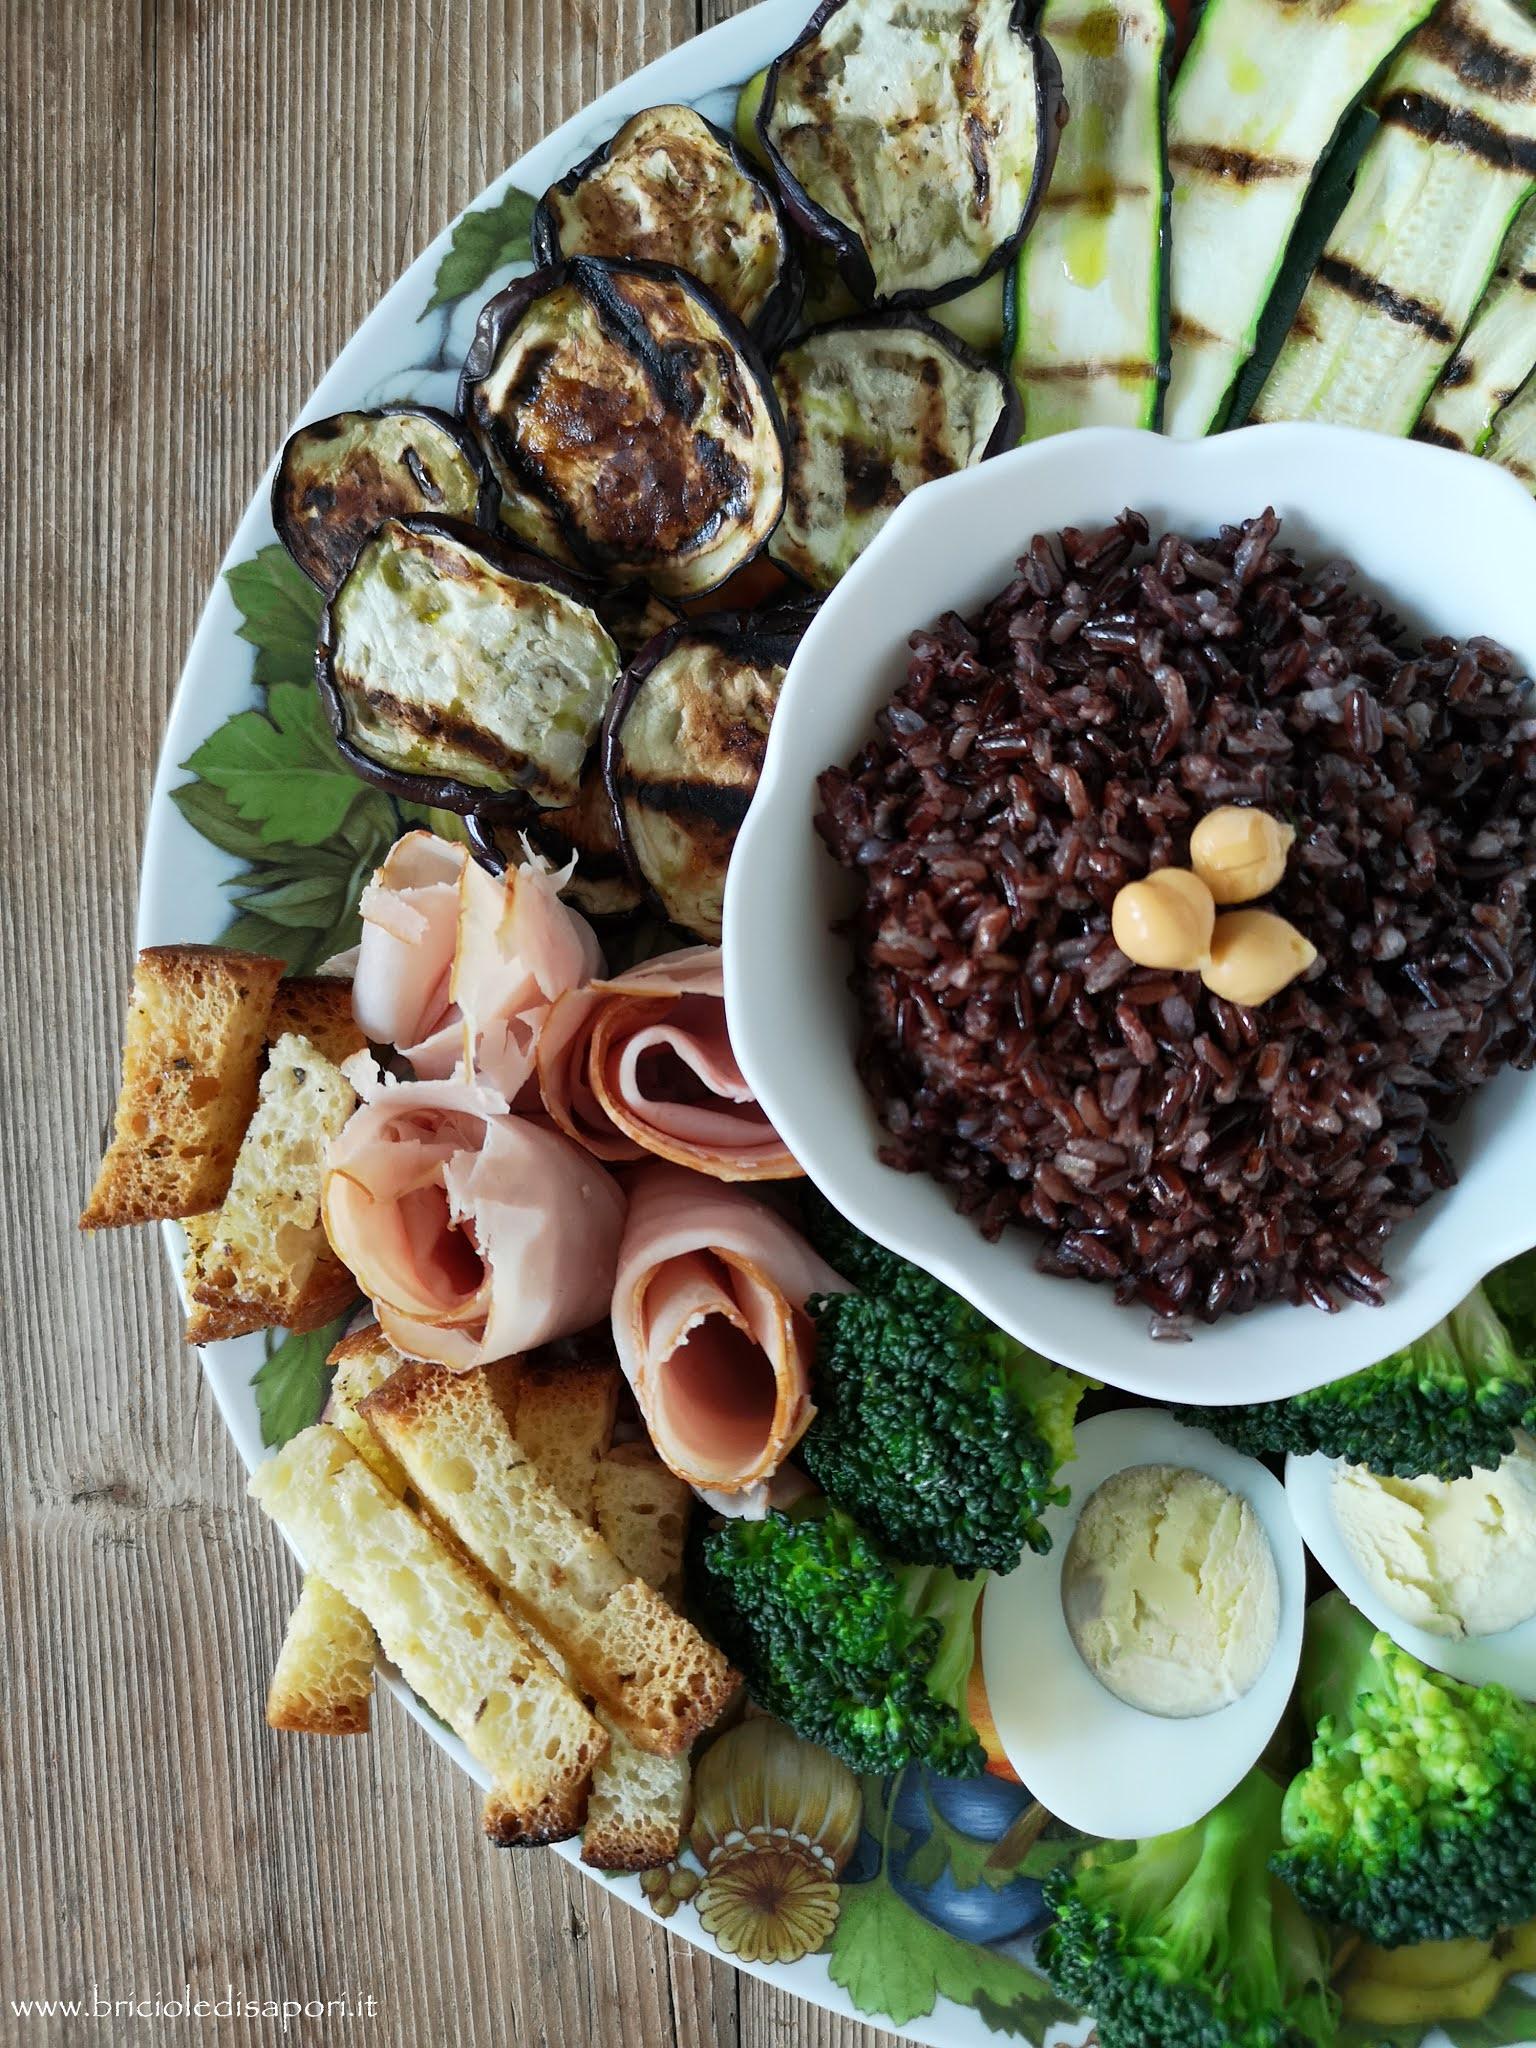 piatto di verdure tacchino hummus di ceci con riso nero integrale